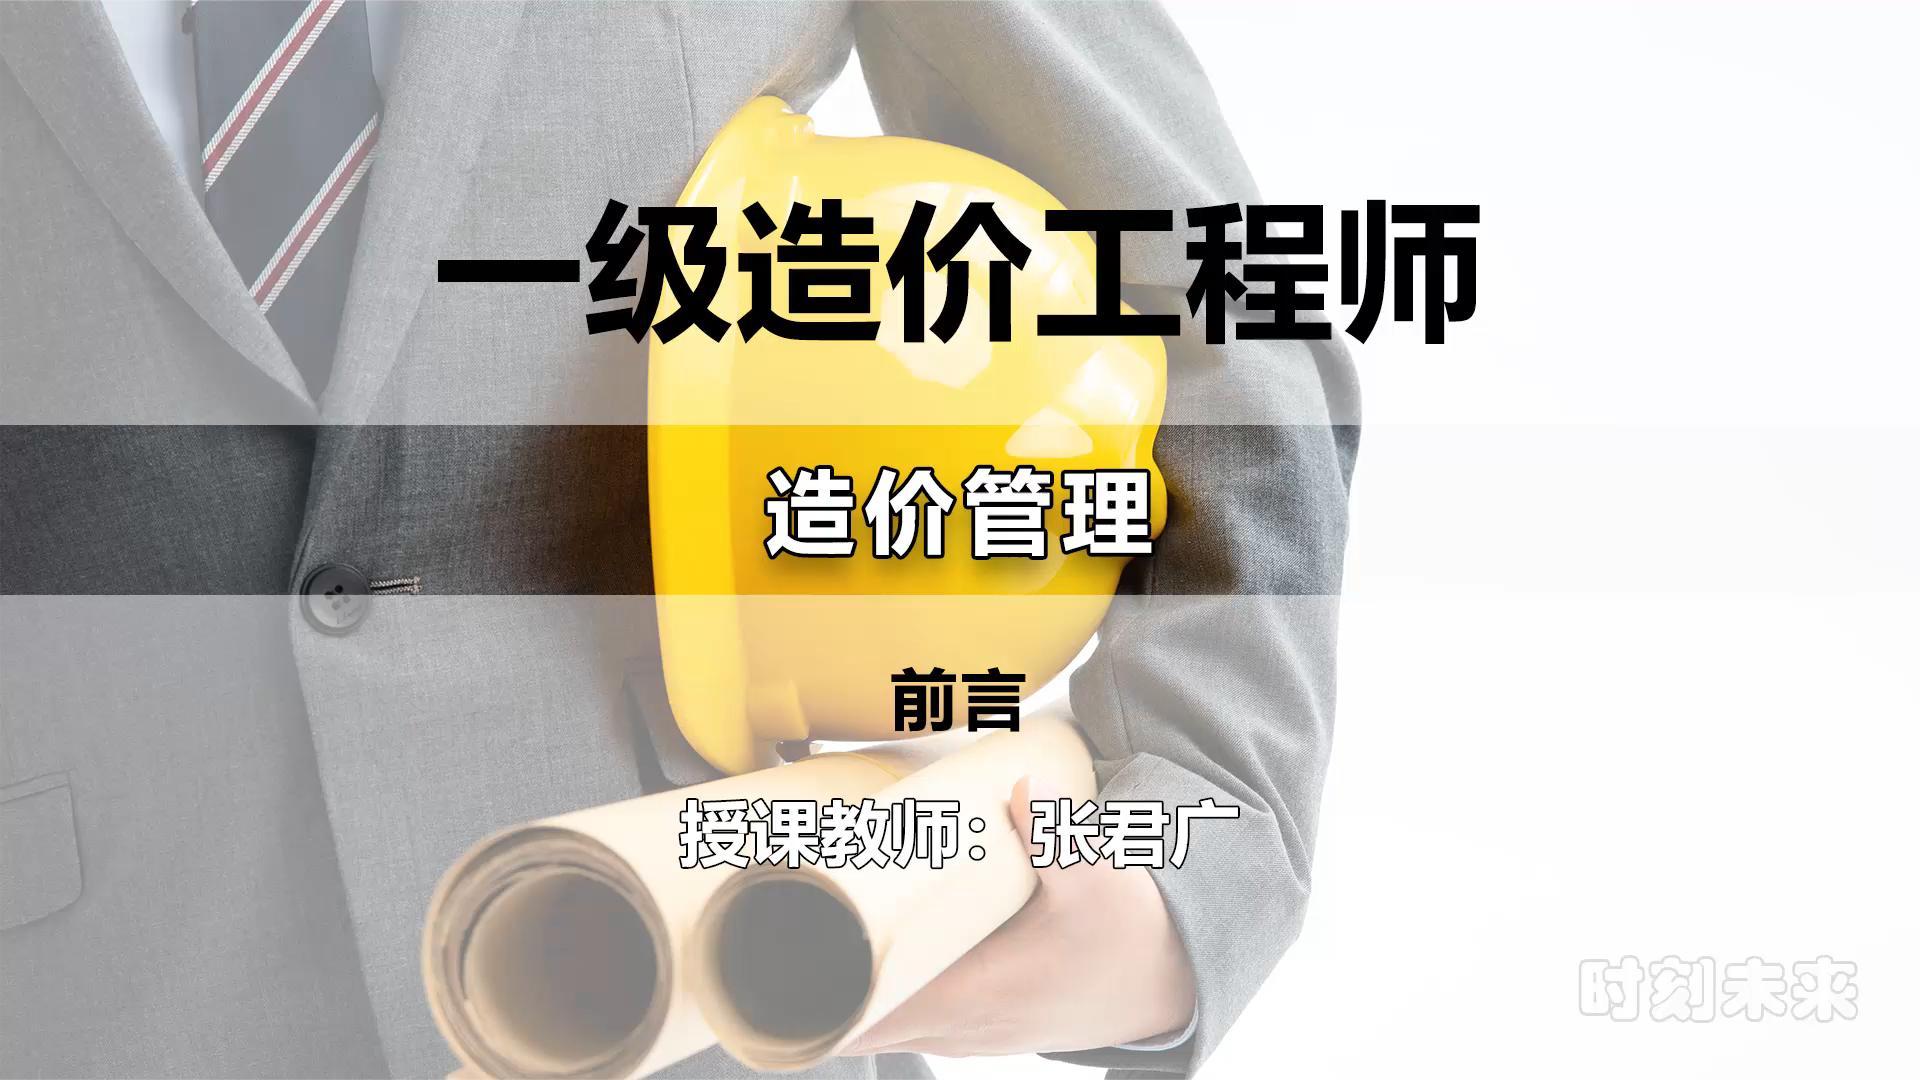 张君广-一级造价师-造价管理-精讲班-第一期